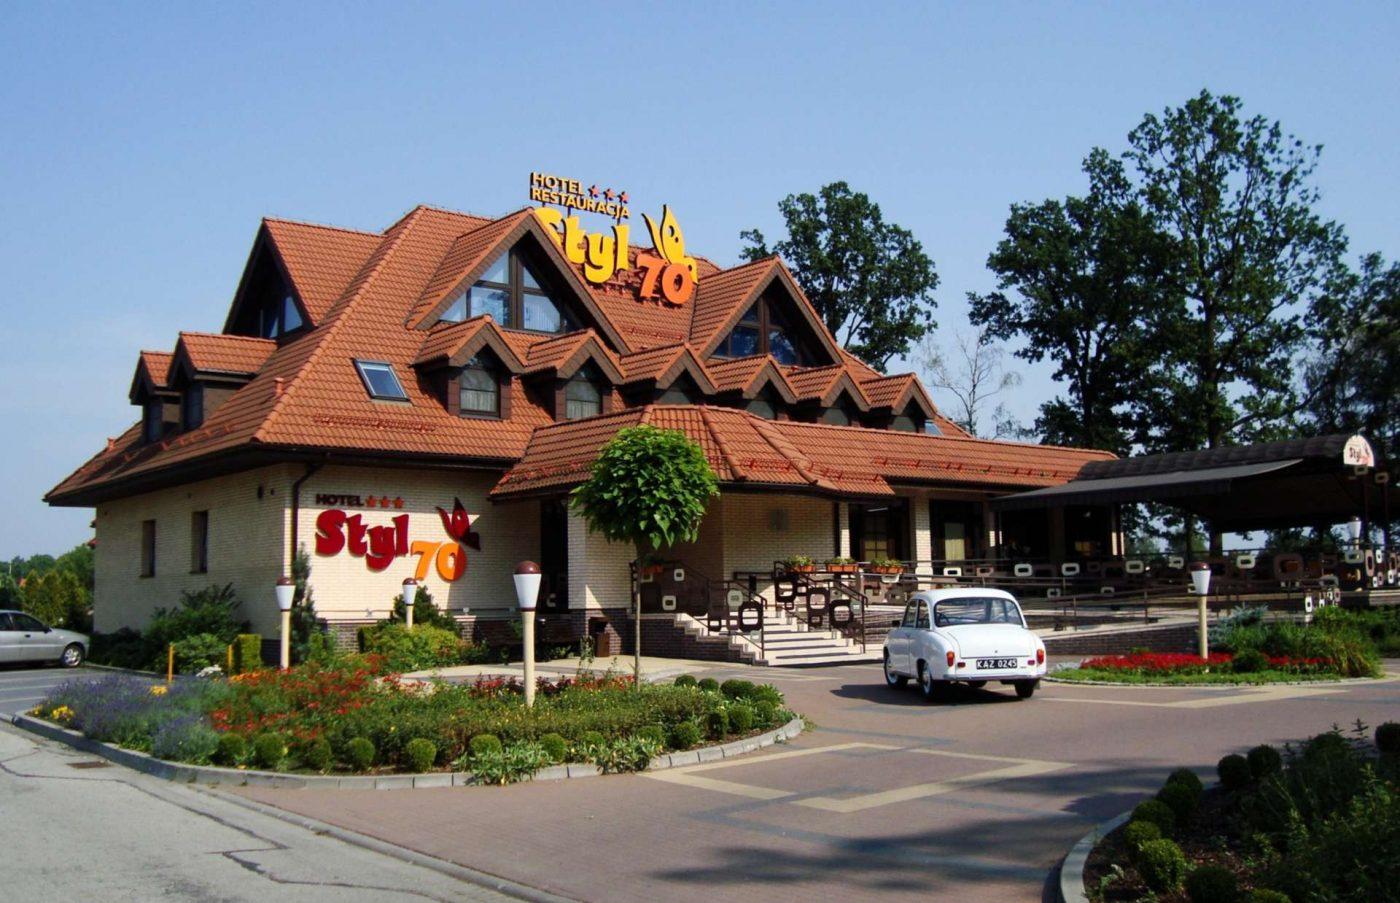 hotel-z-syrenka-1400x903